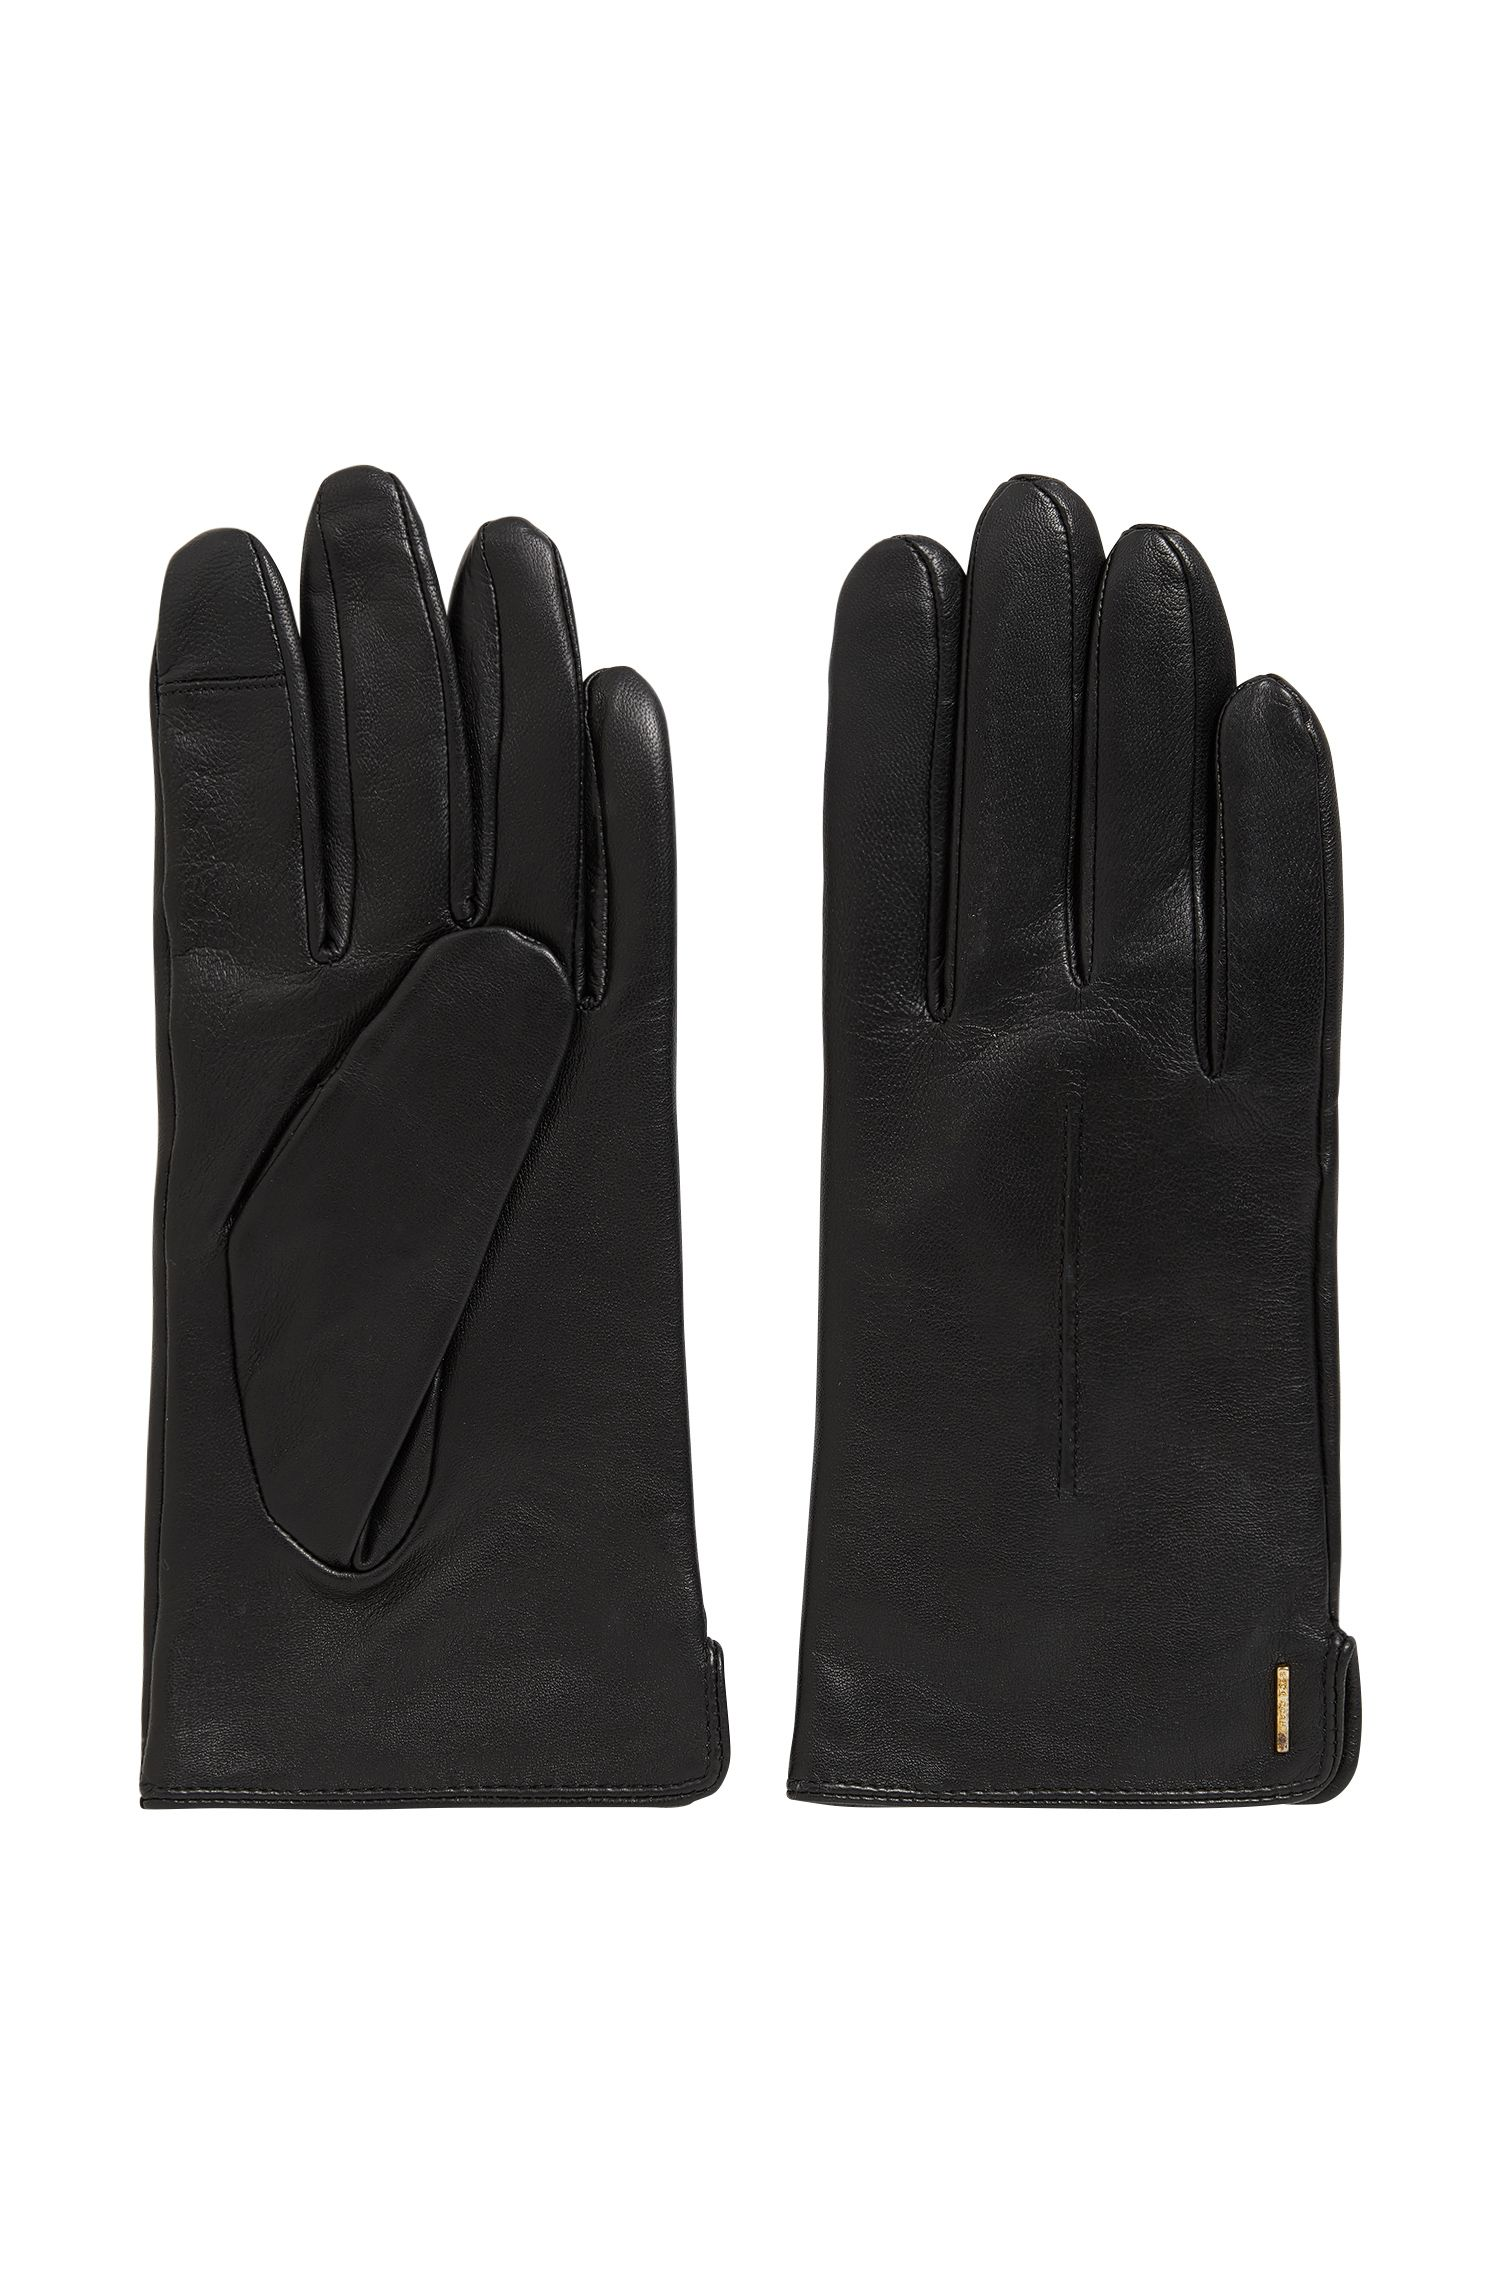 Leren handschoenen met touchscreenfunctie